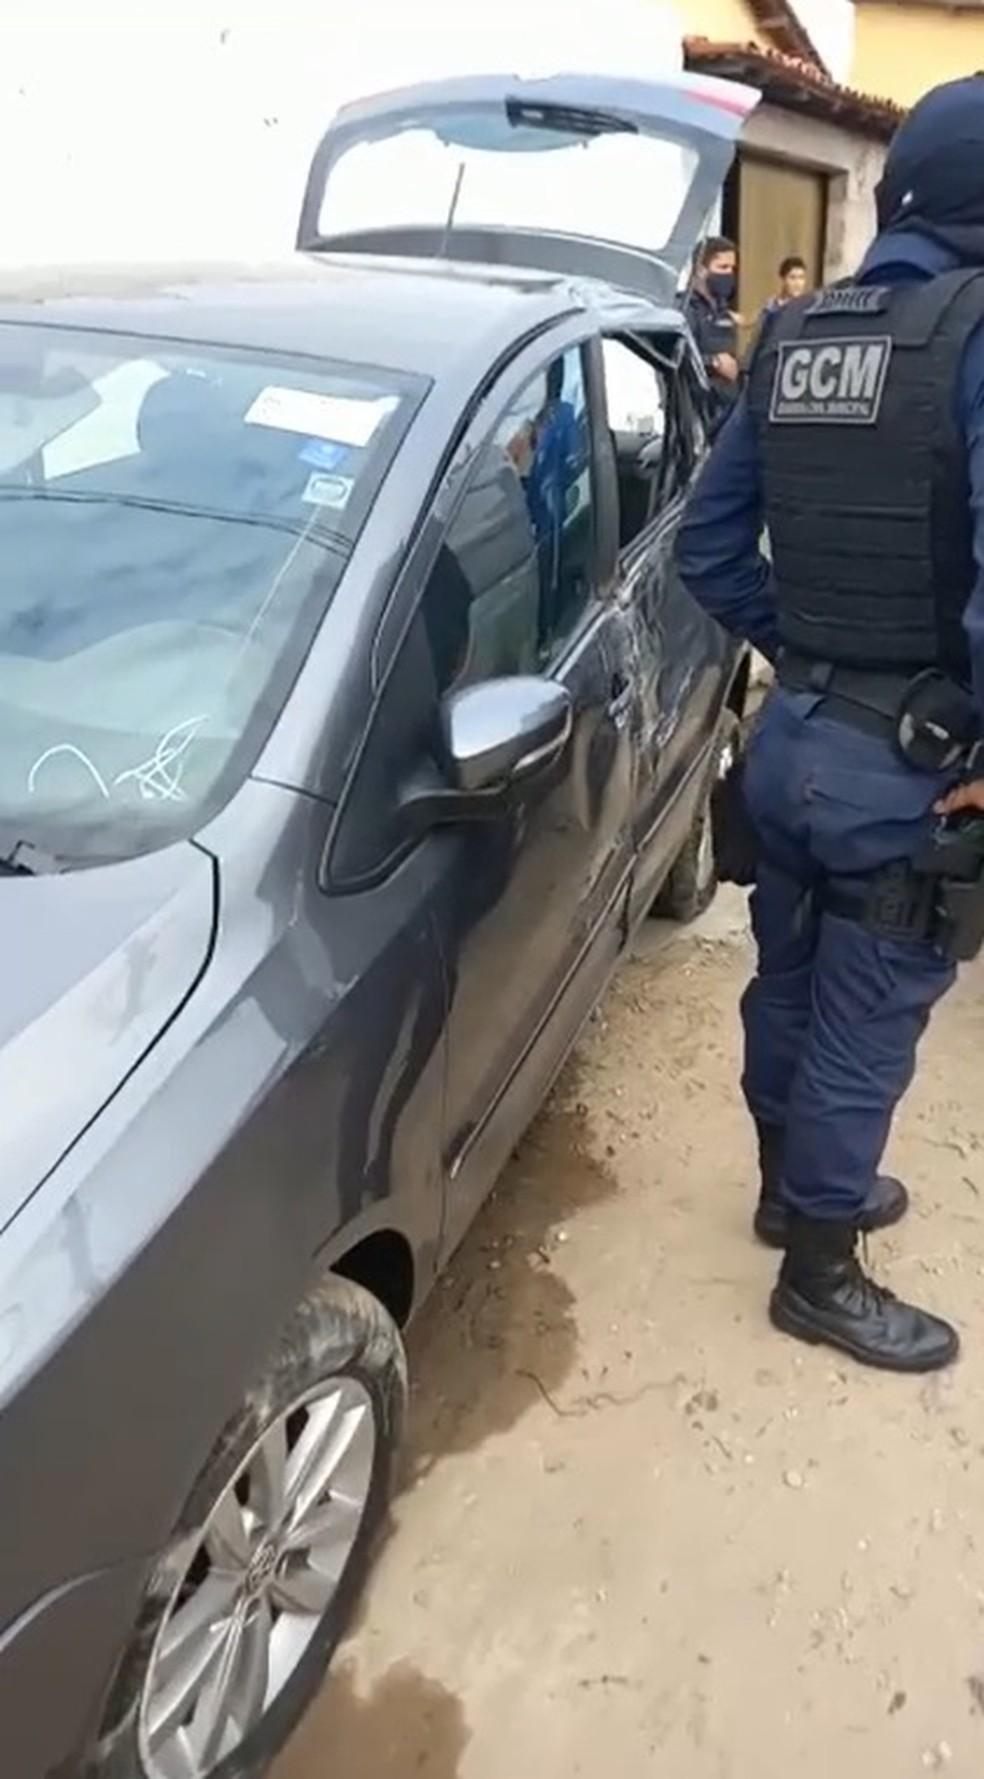 Suspeito bateu carro roubado em outro dois veículos durante fuga em Teresina — Foto: Reprodução